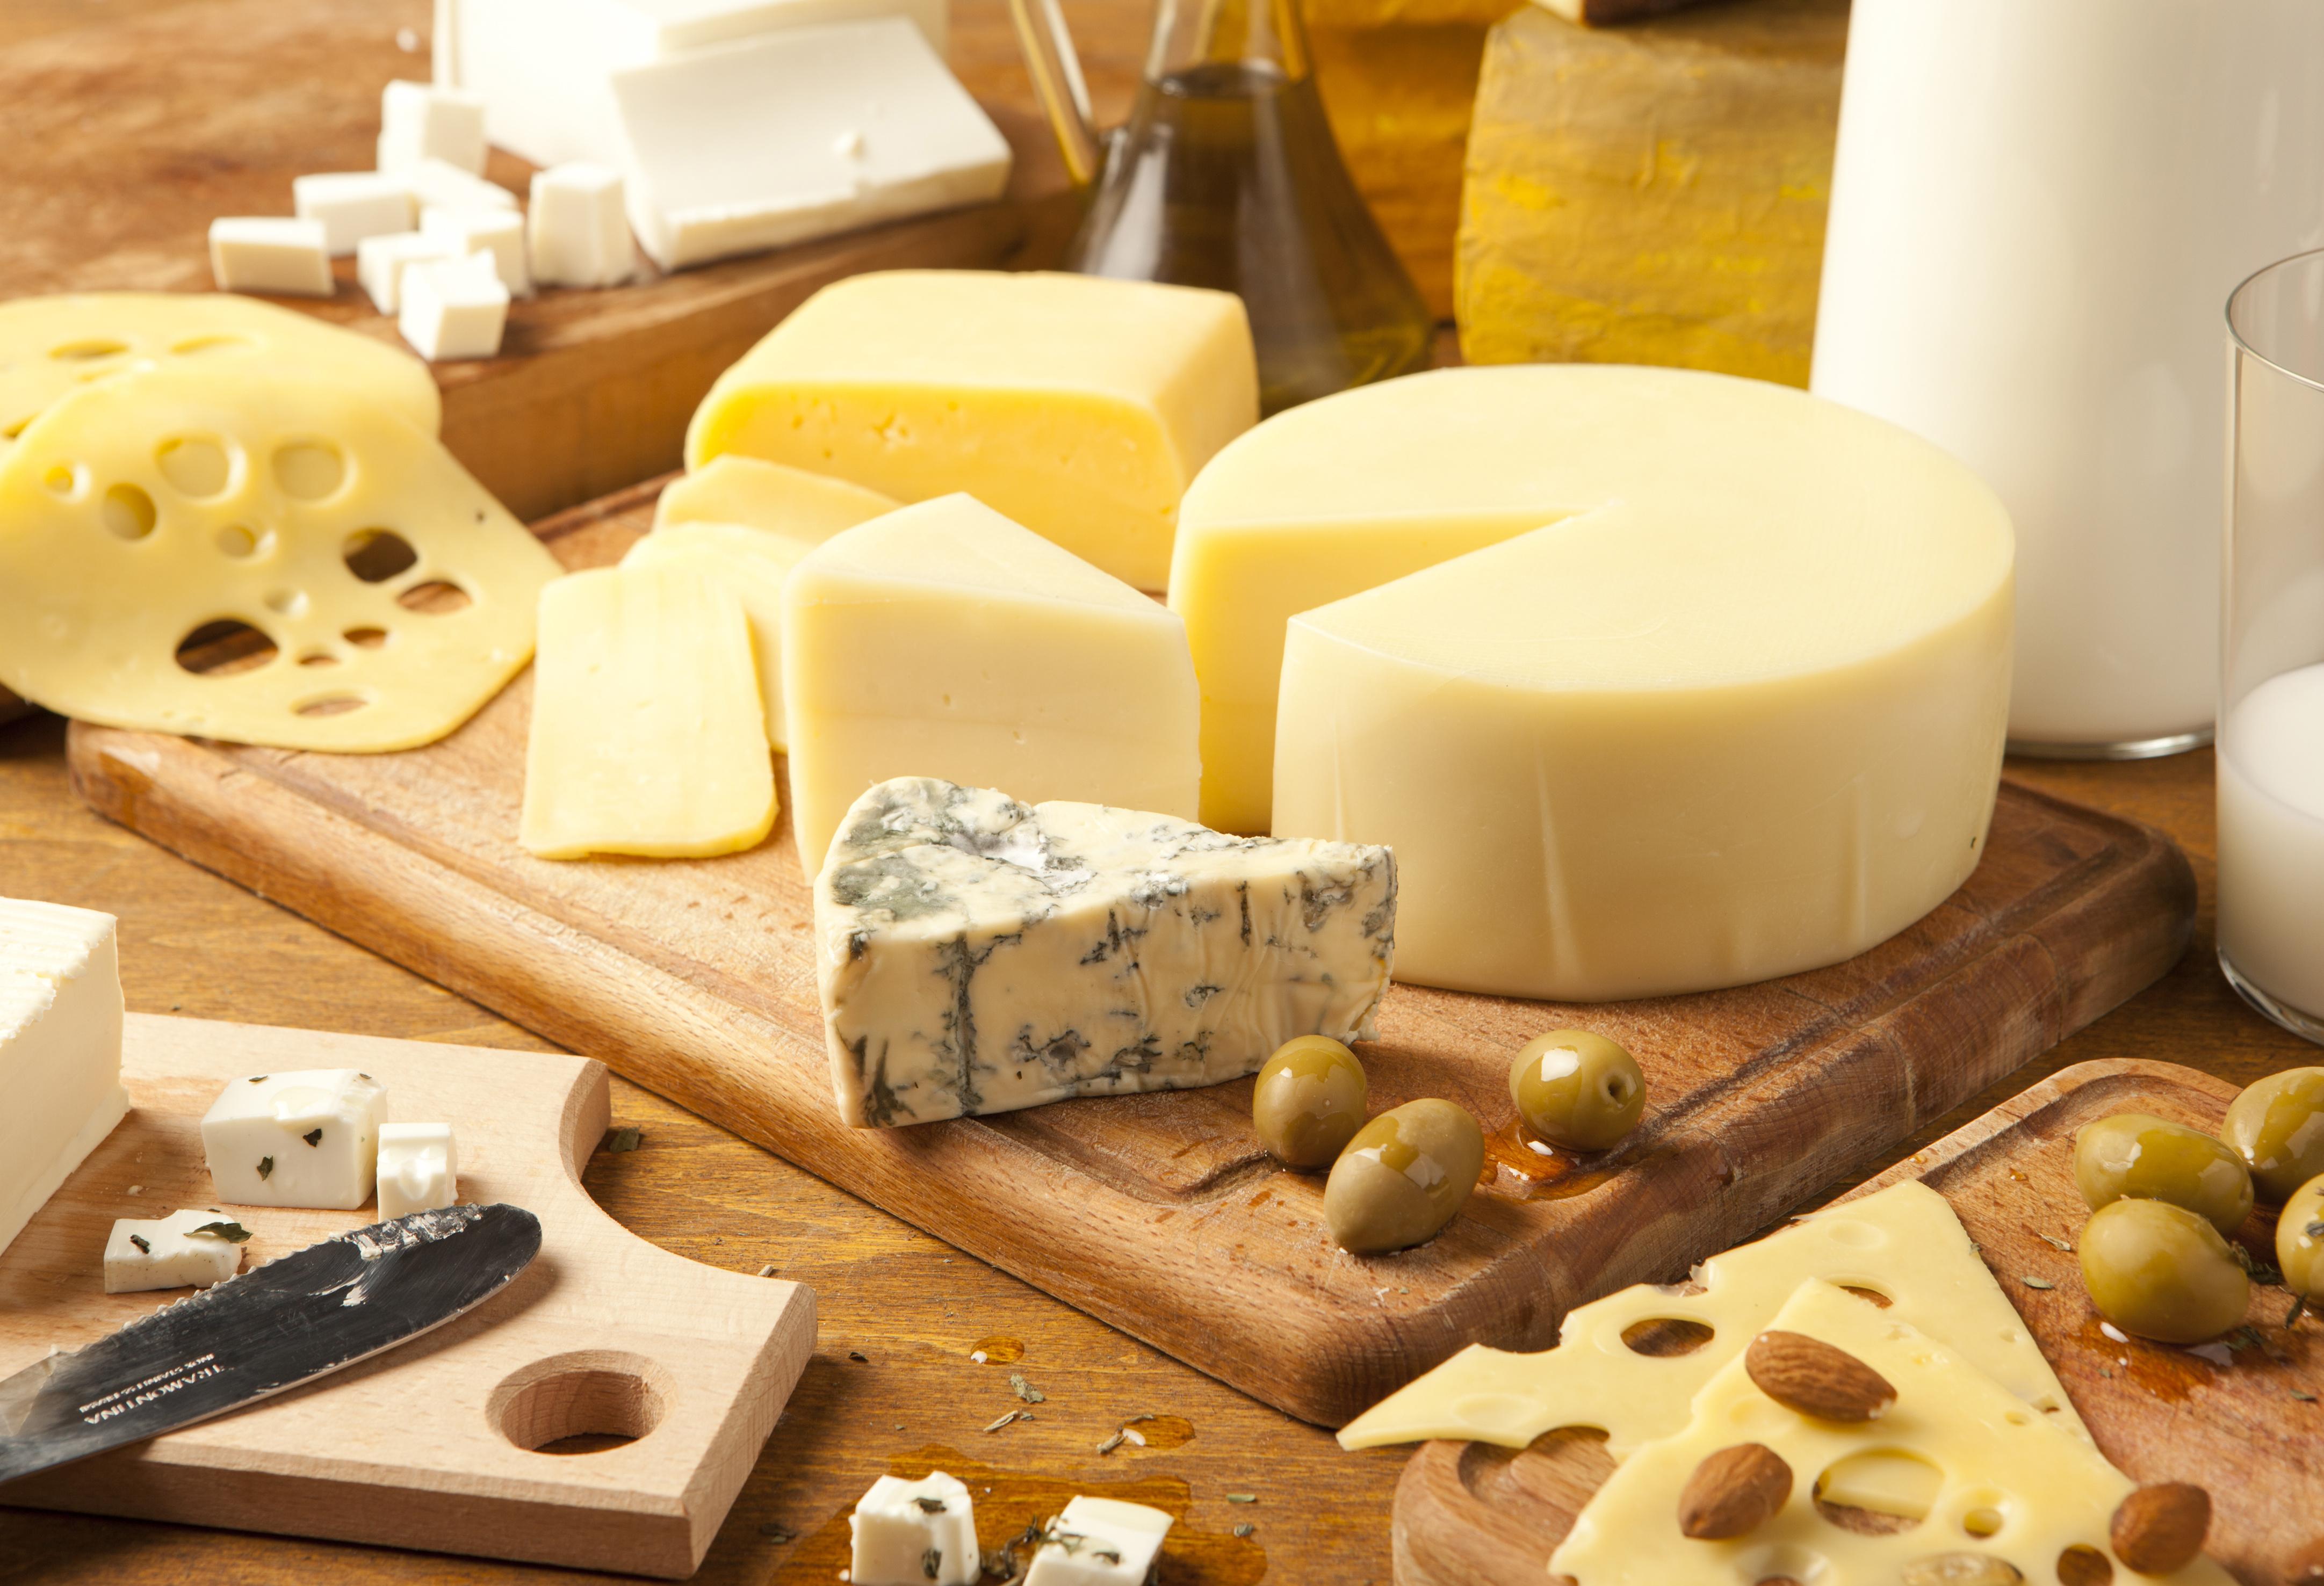 Che formaggio sei